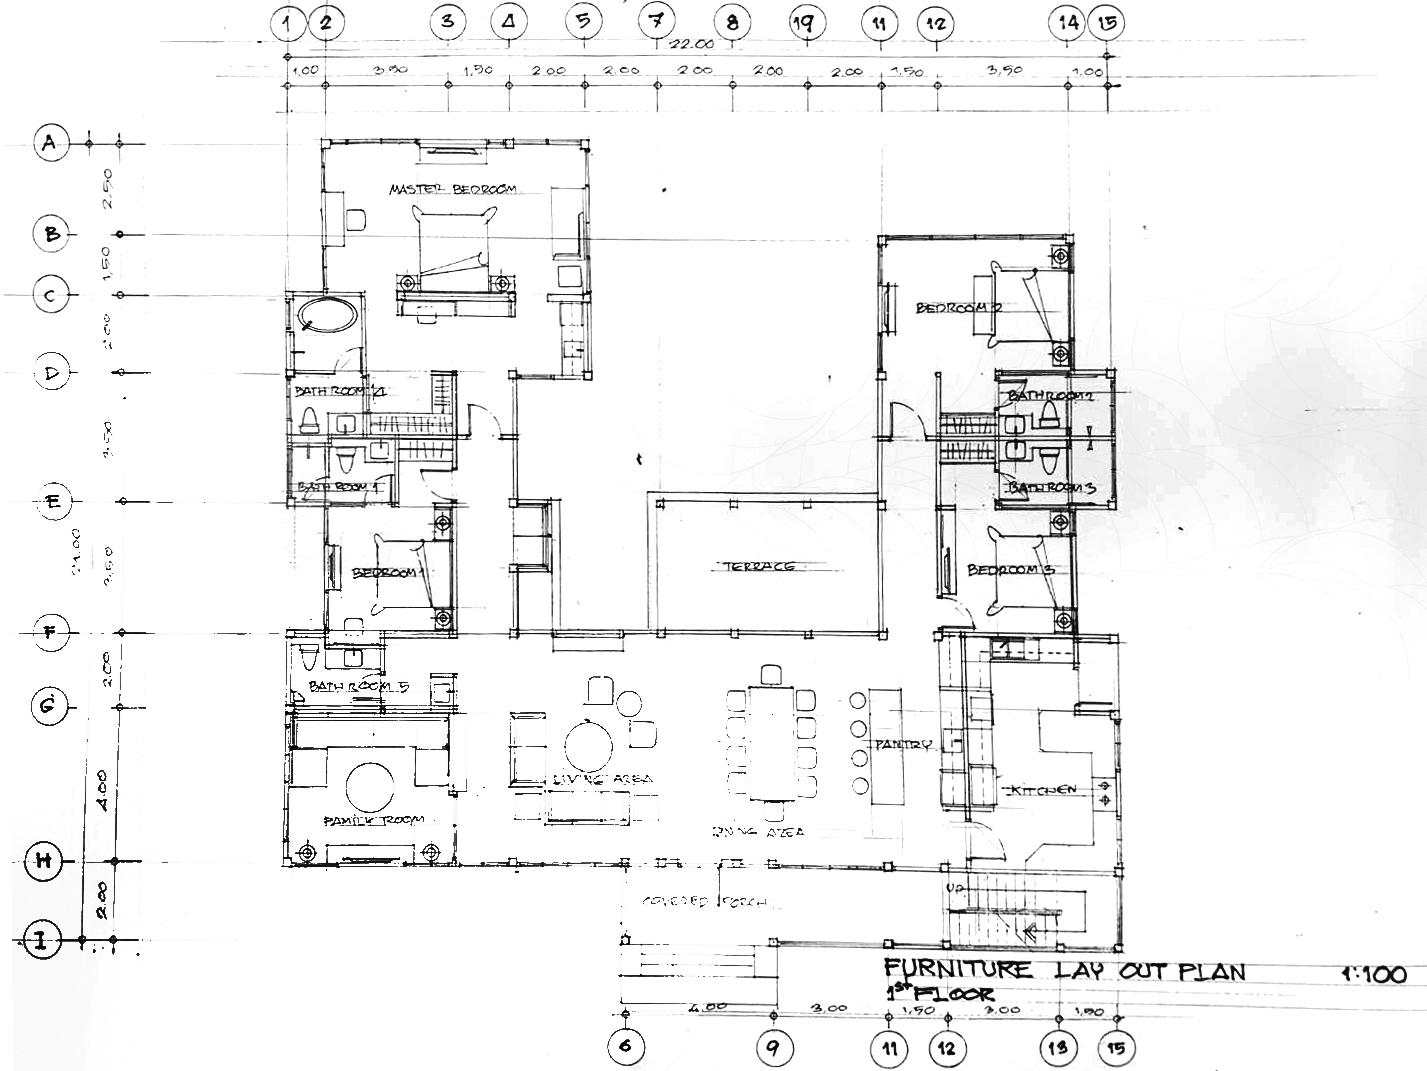 Bonanzabuilt-Portfolio-design23-2